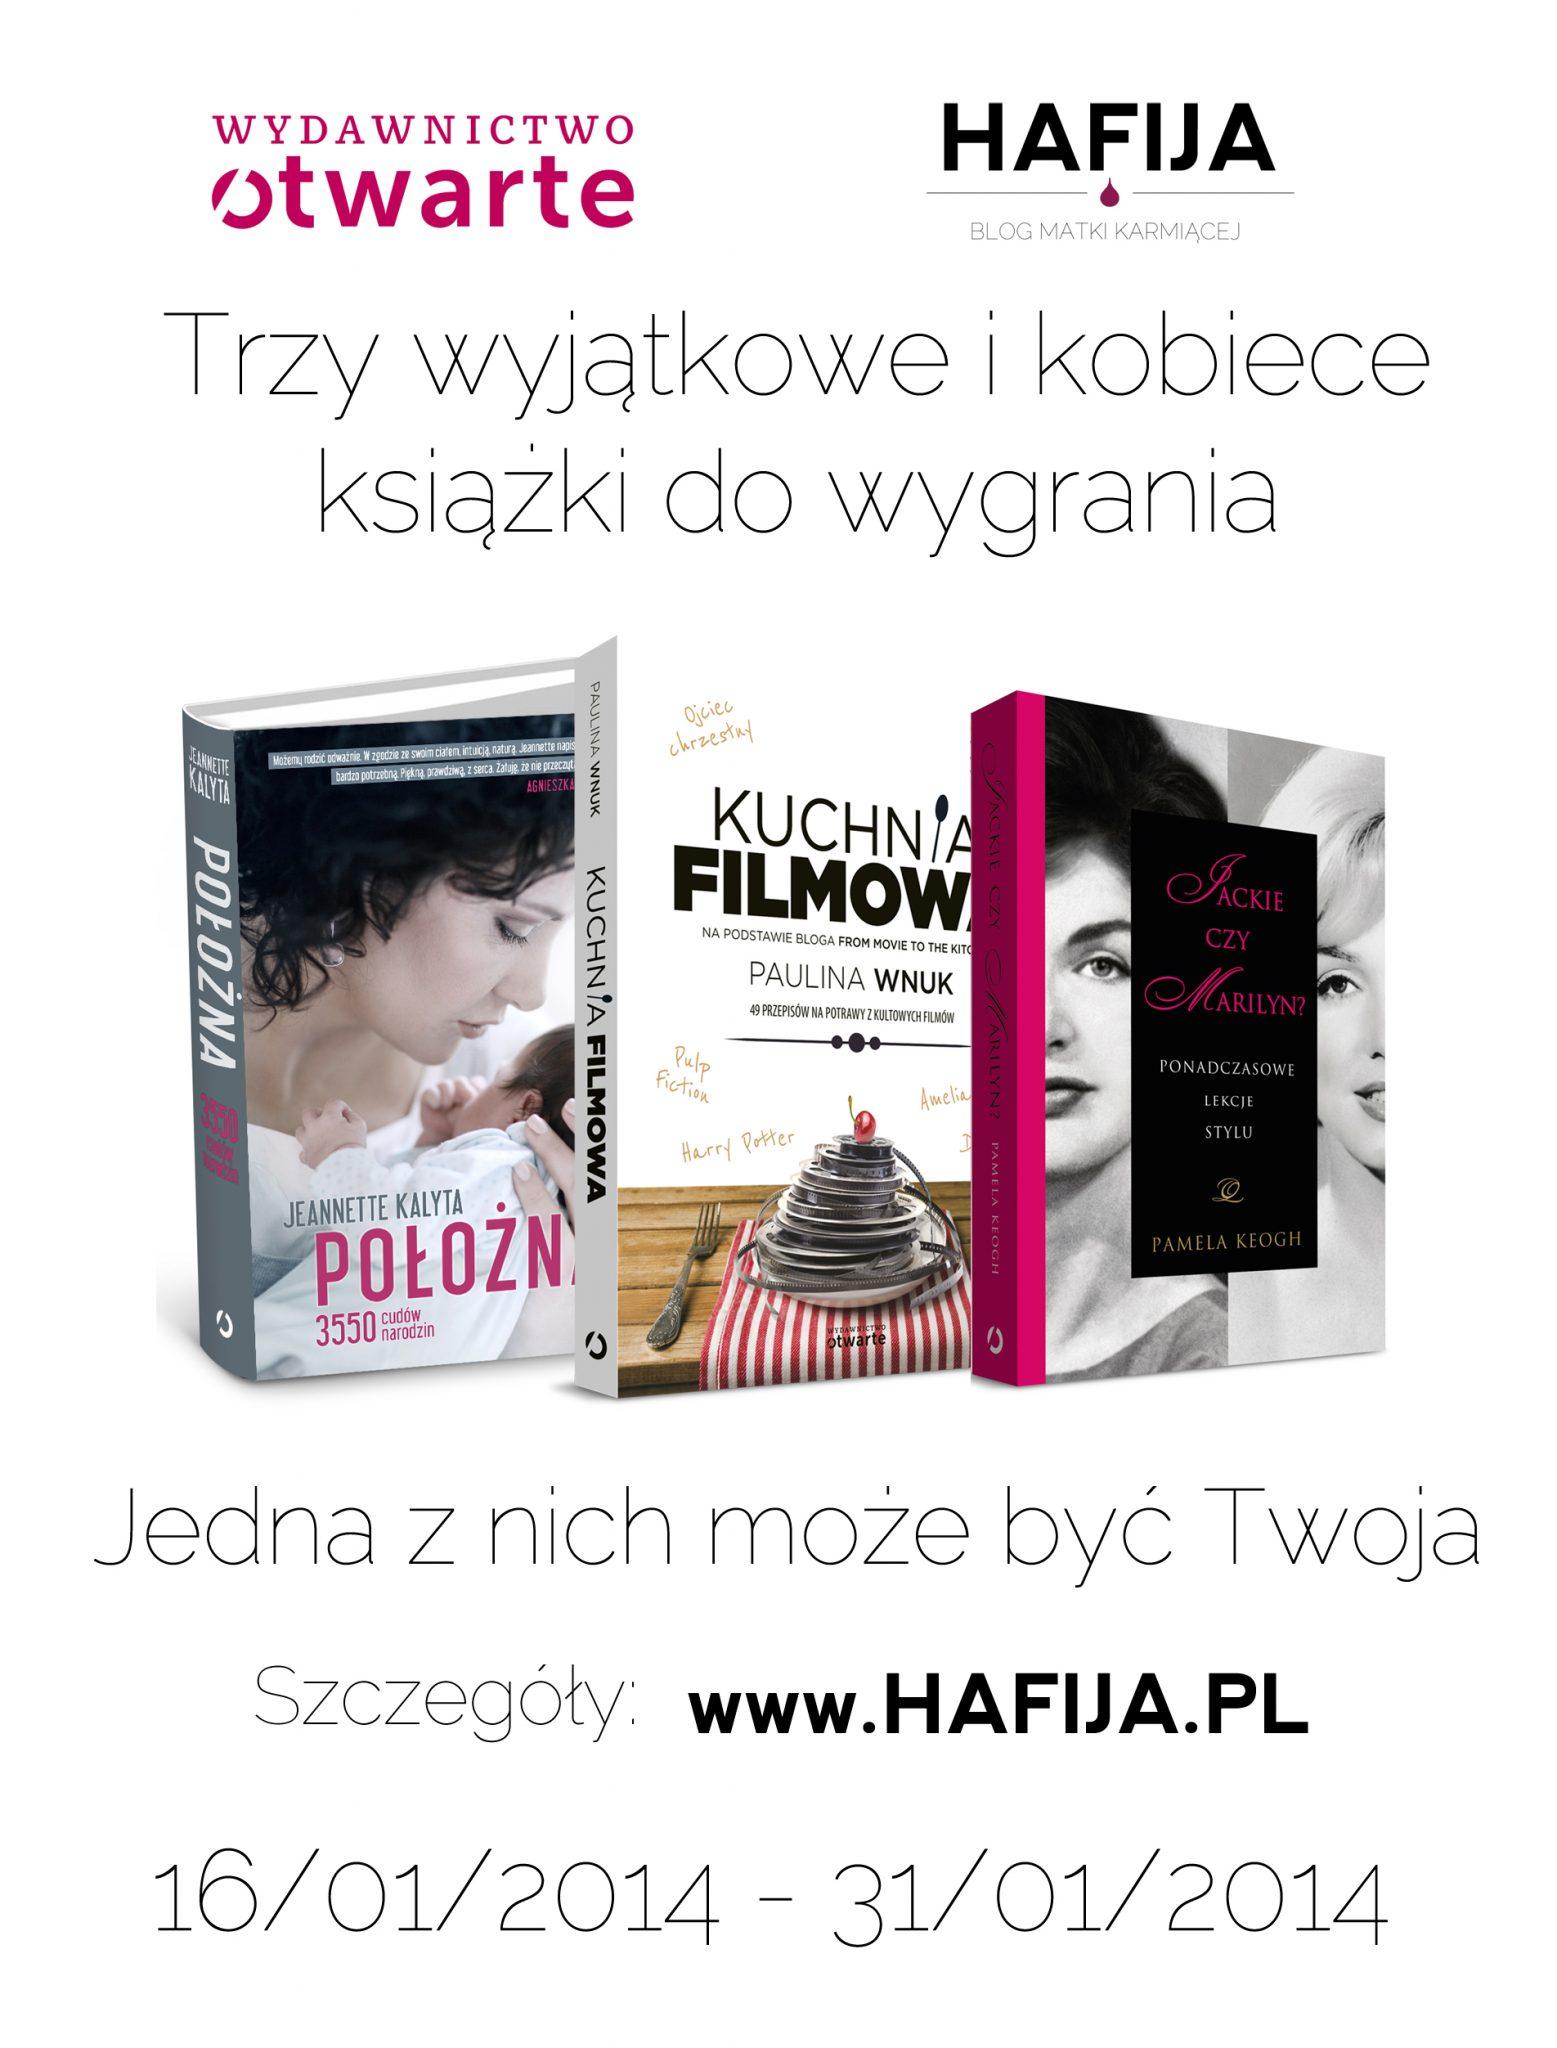 Konkurs kobiecy na hafija.pl